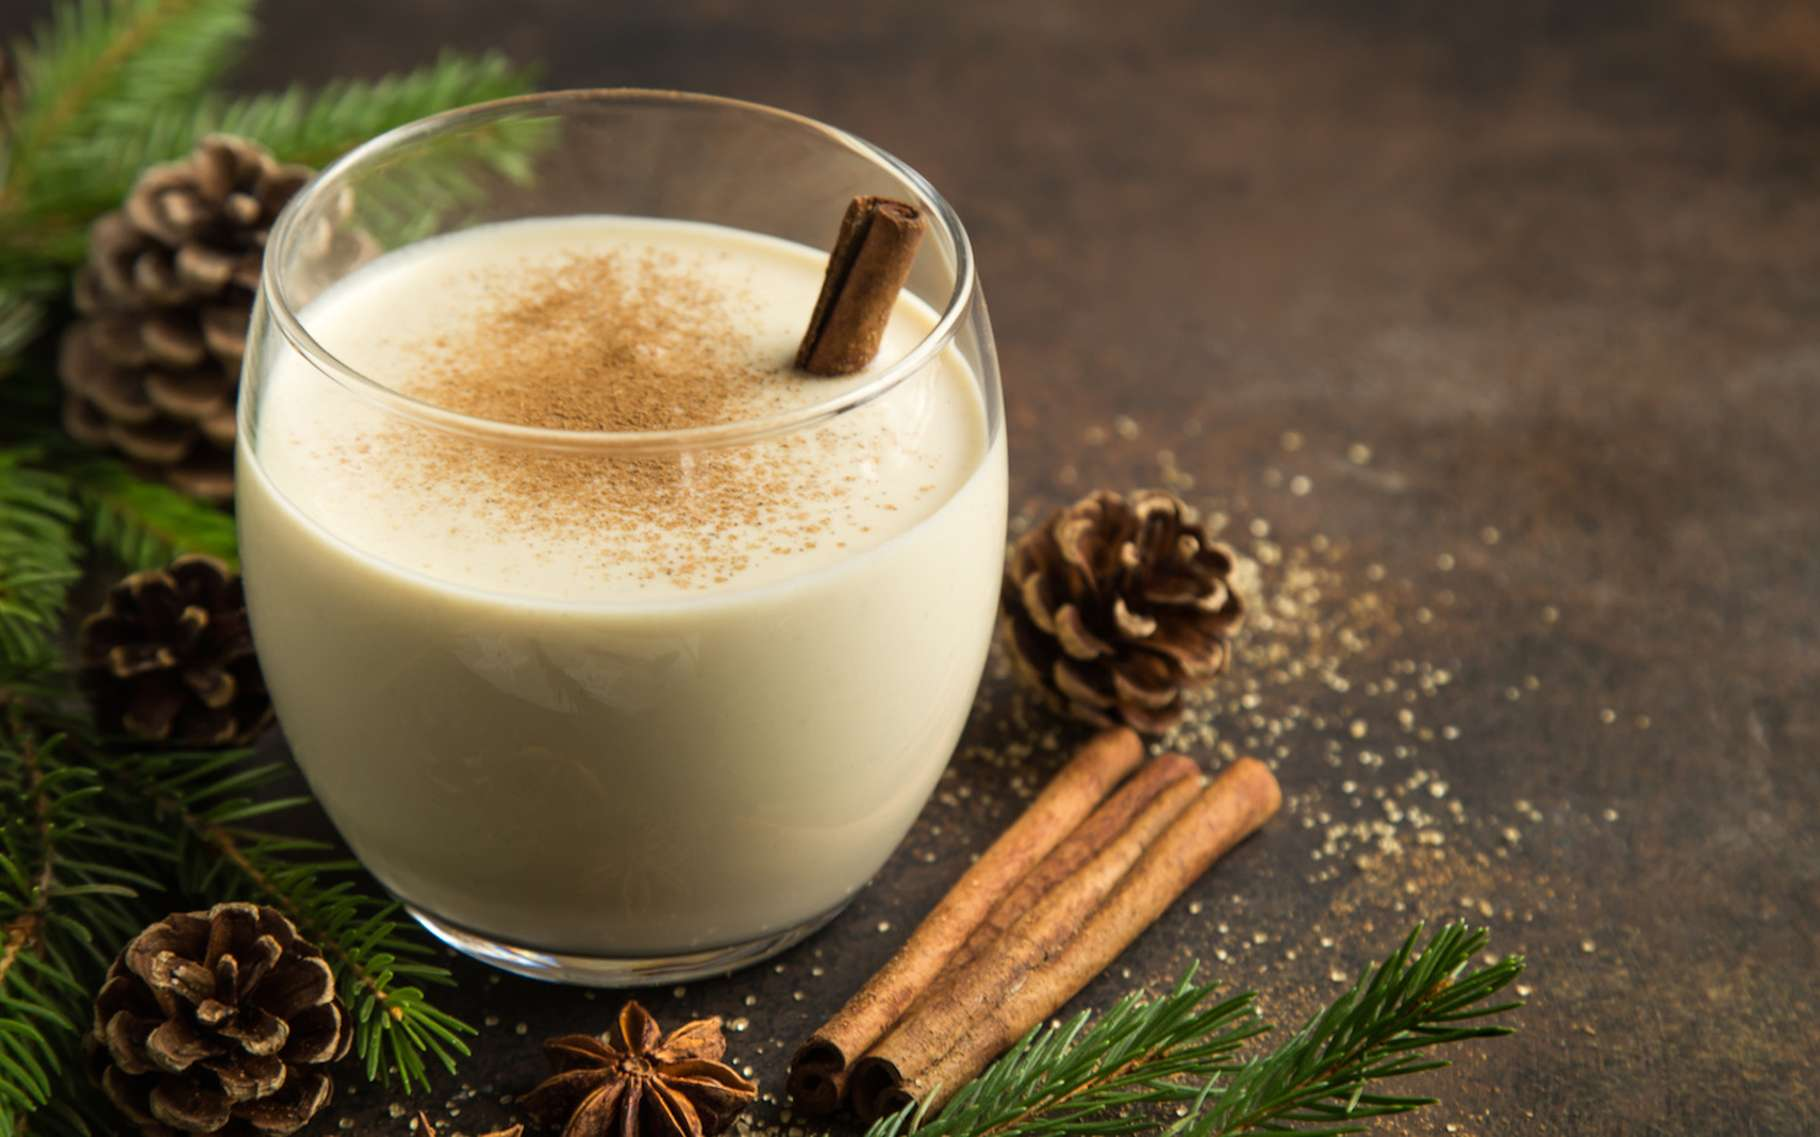 Le lait de poule est une boisson à base de lait et d'œuf, d'où sa dénomination. © anna_shepulova, Fotolia